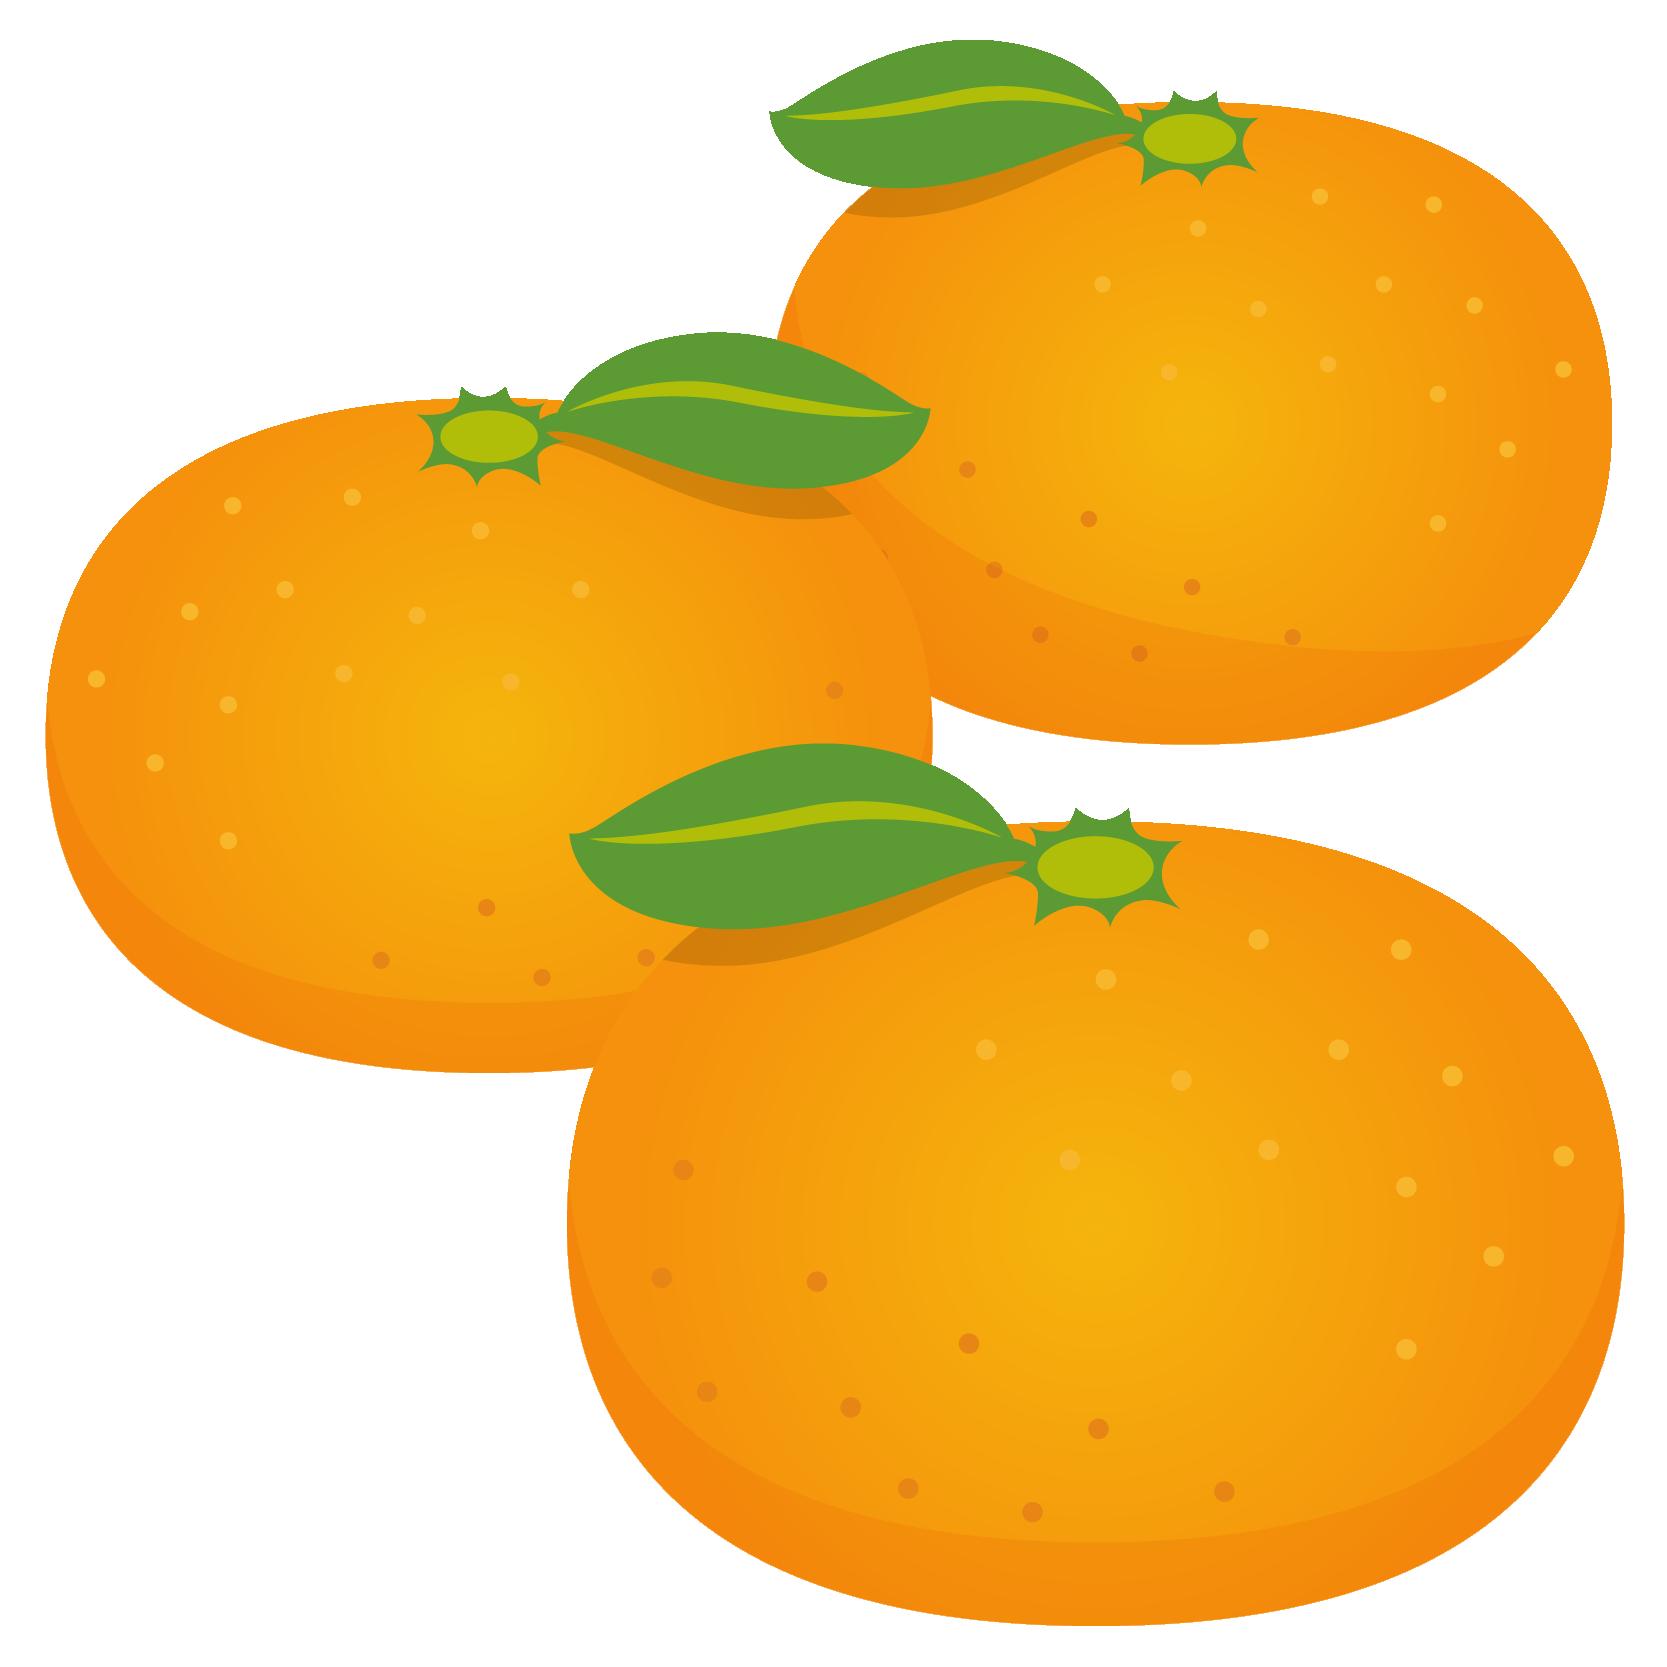 商用フリー・無料イラスト_みかん(Mandarin orange)03